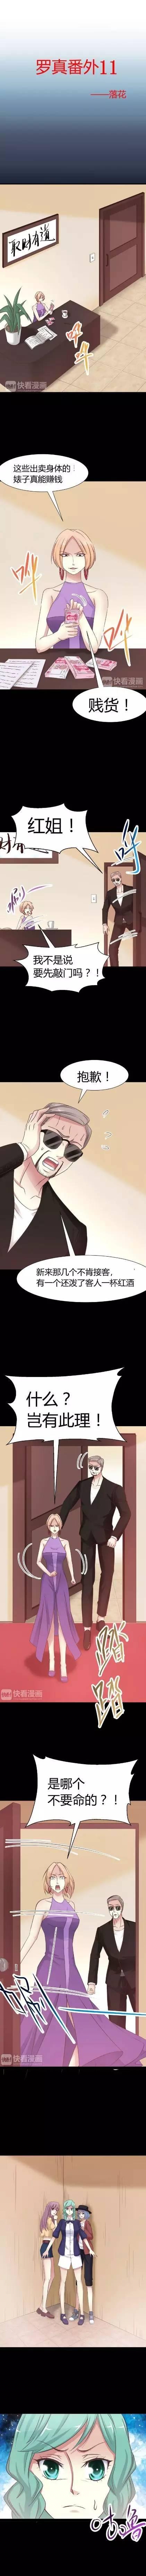 僵尸王漫画:你被死神看见了《落花》